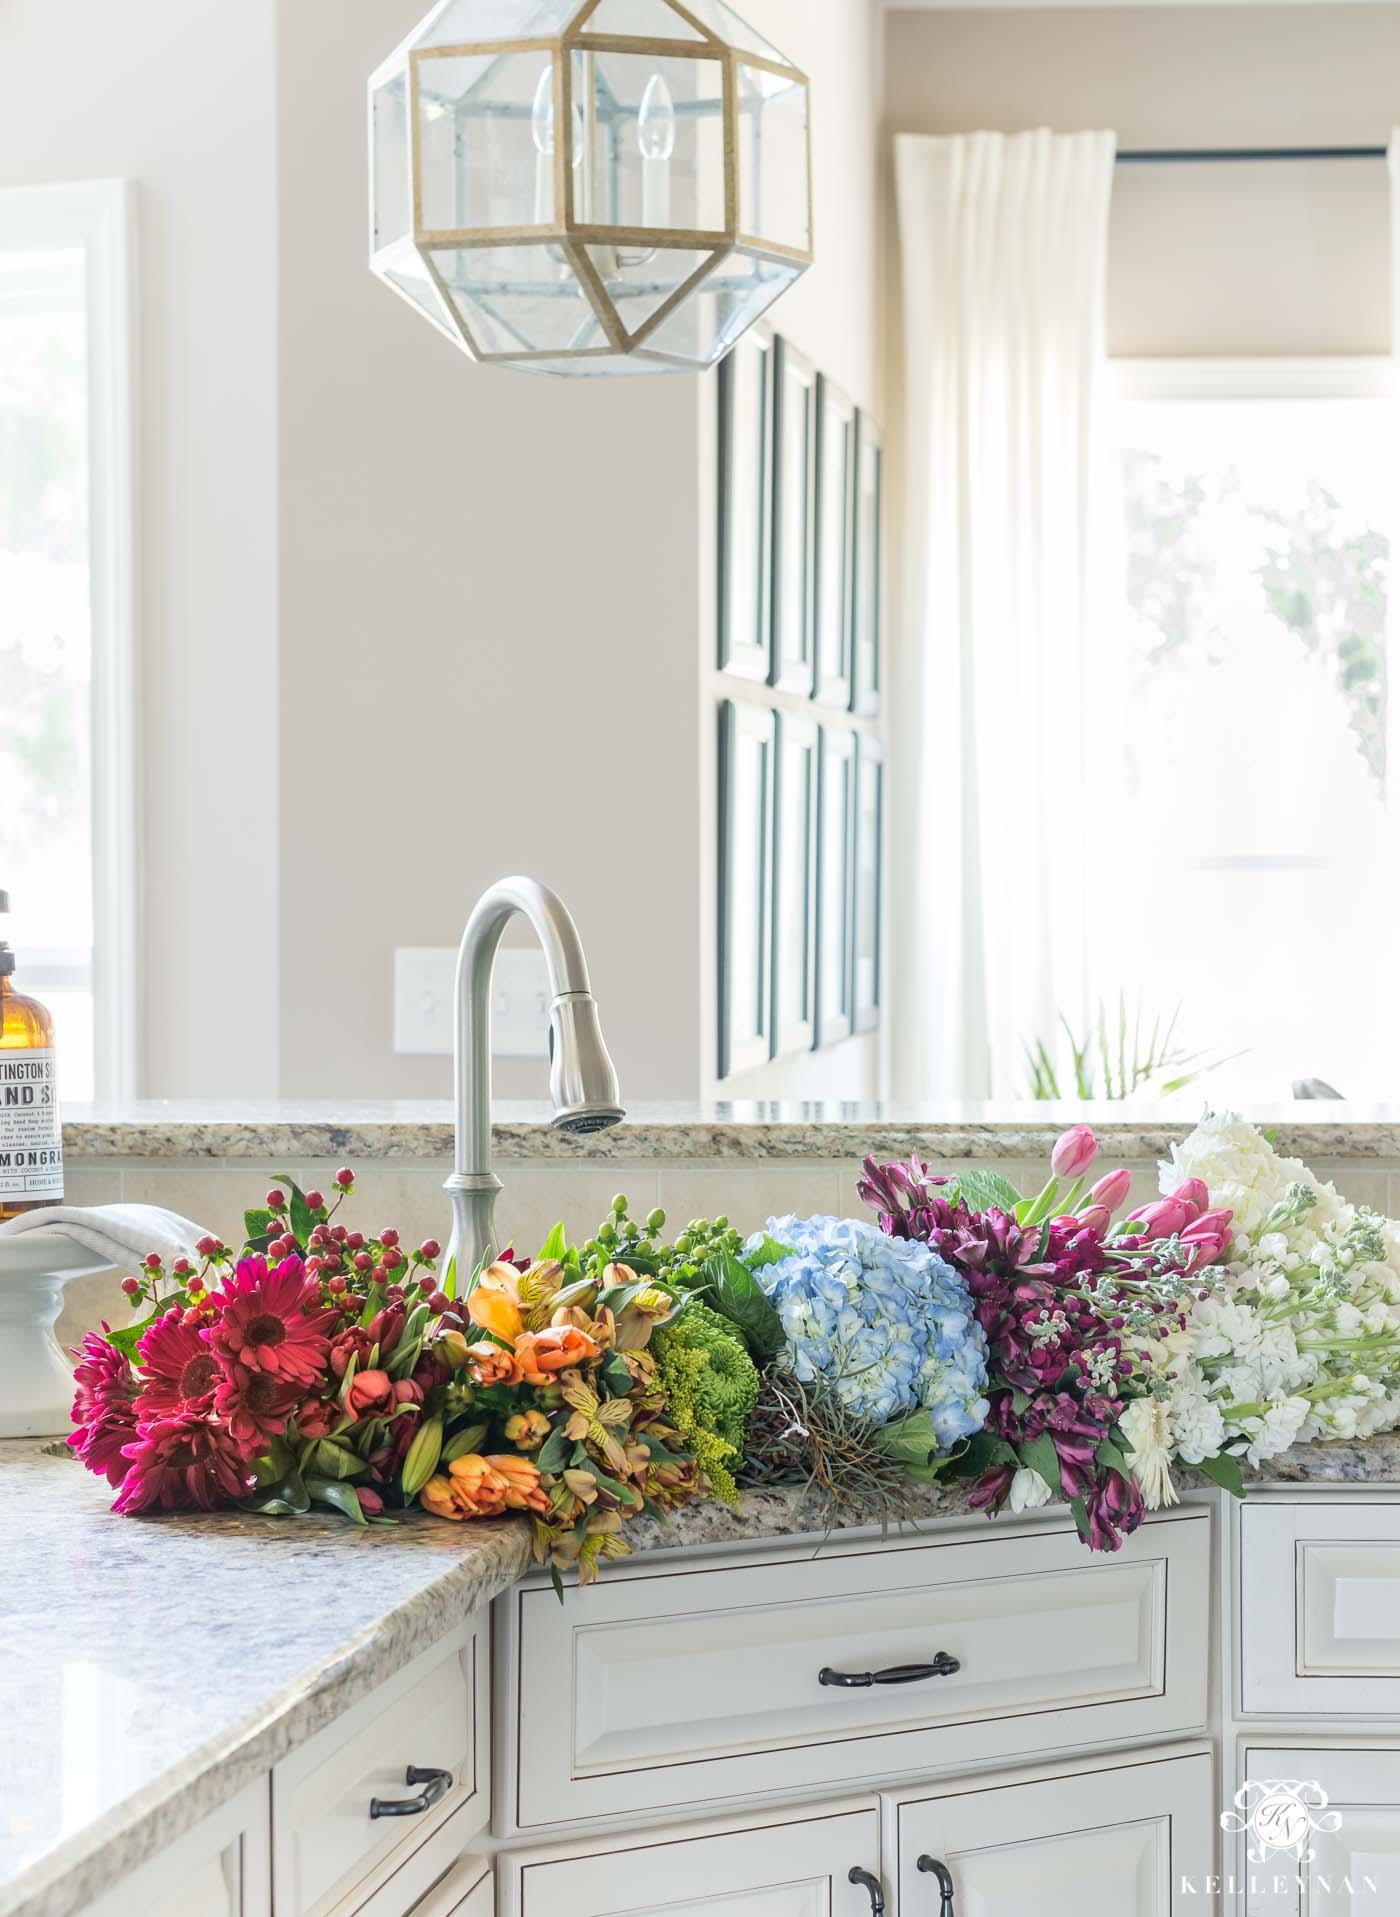 Rainbow flower assortment in the kitchen sink for centerpiece ideas